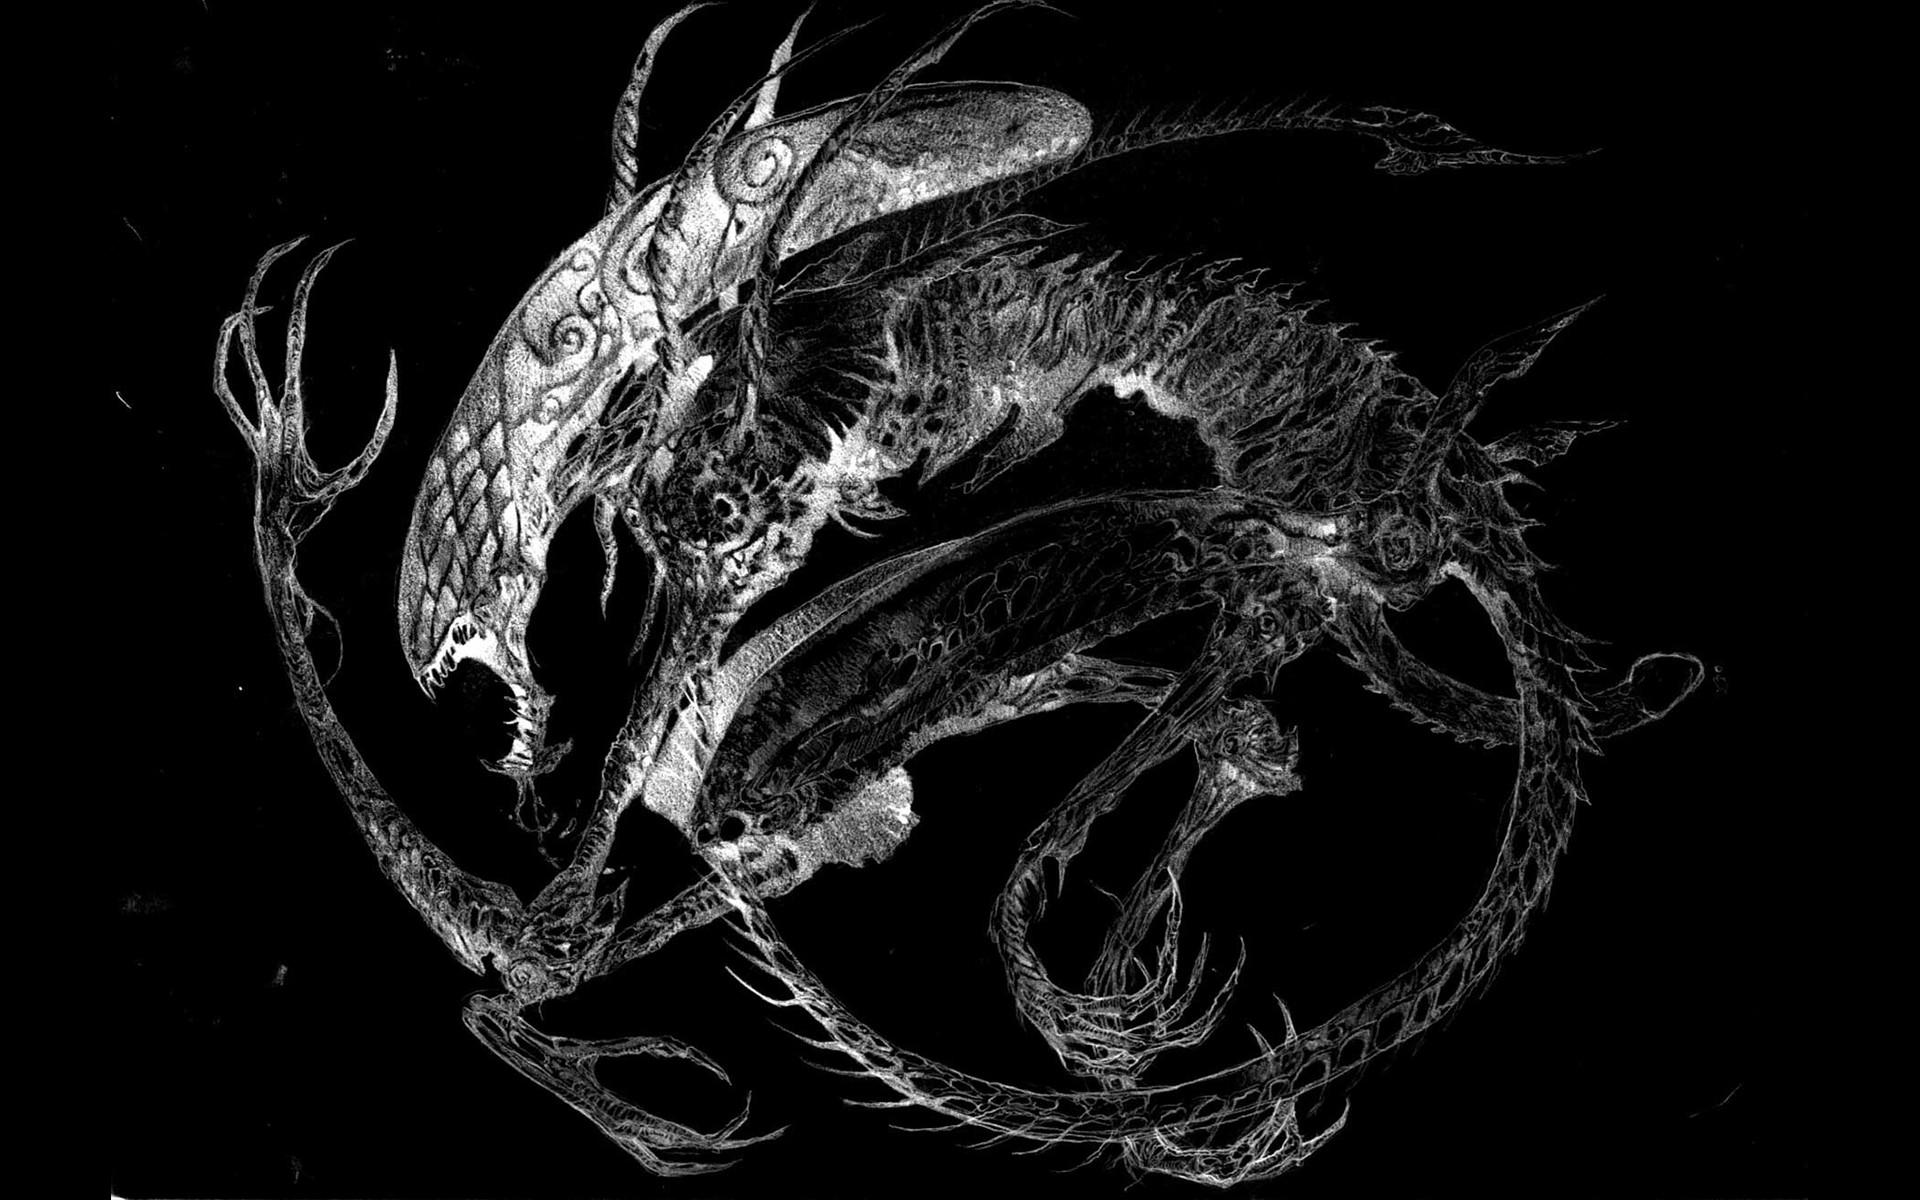 Movies Xenomorph science fiction Alien fan art black ... H.r. Giger Alien Wallpaper